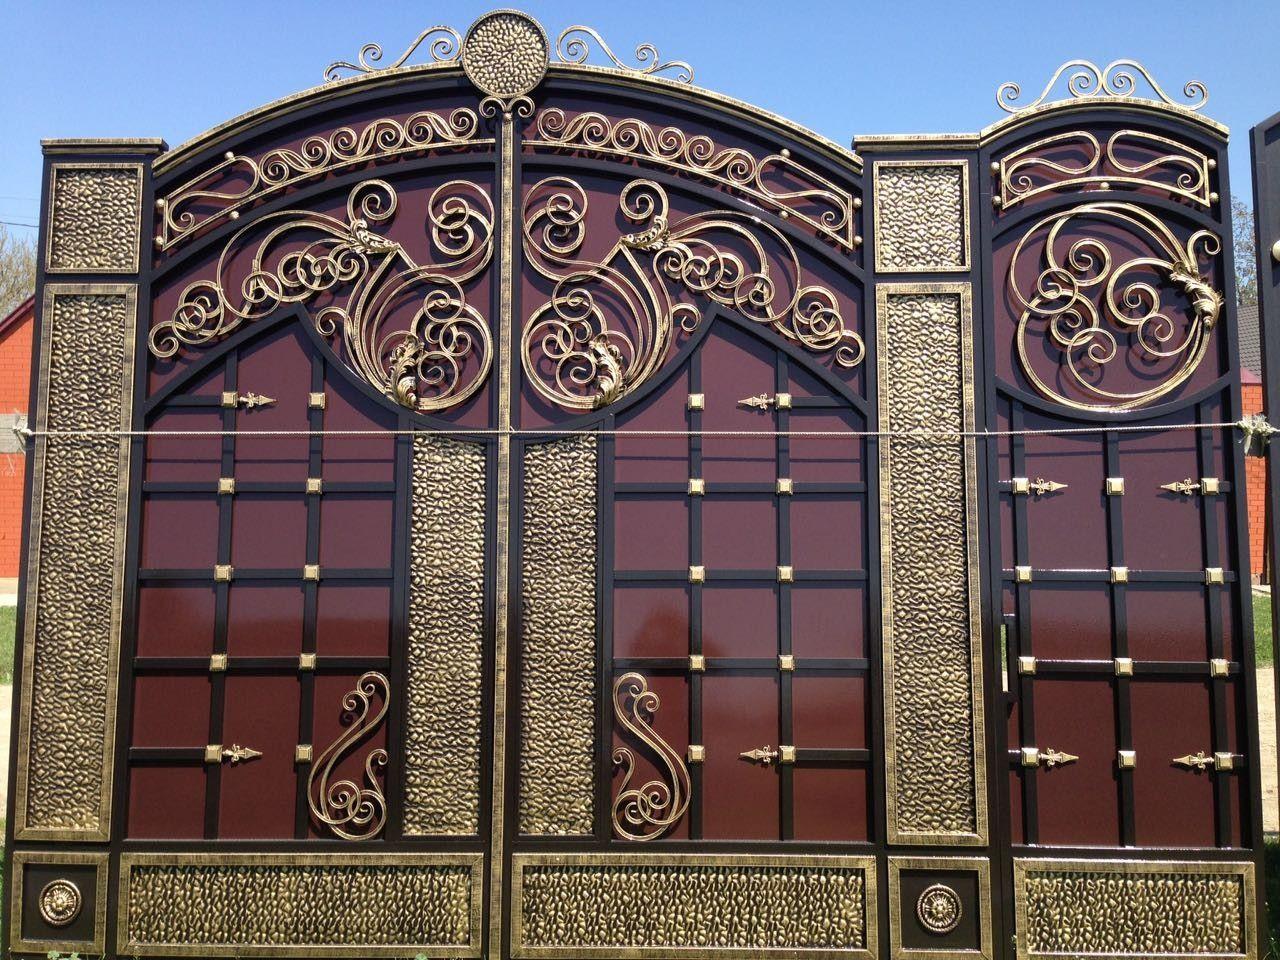 дополнение постояному ворота кованые картинки грозном уже публиковали